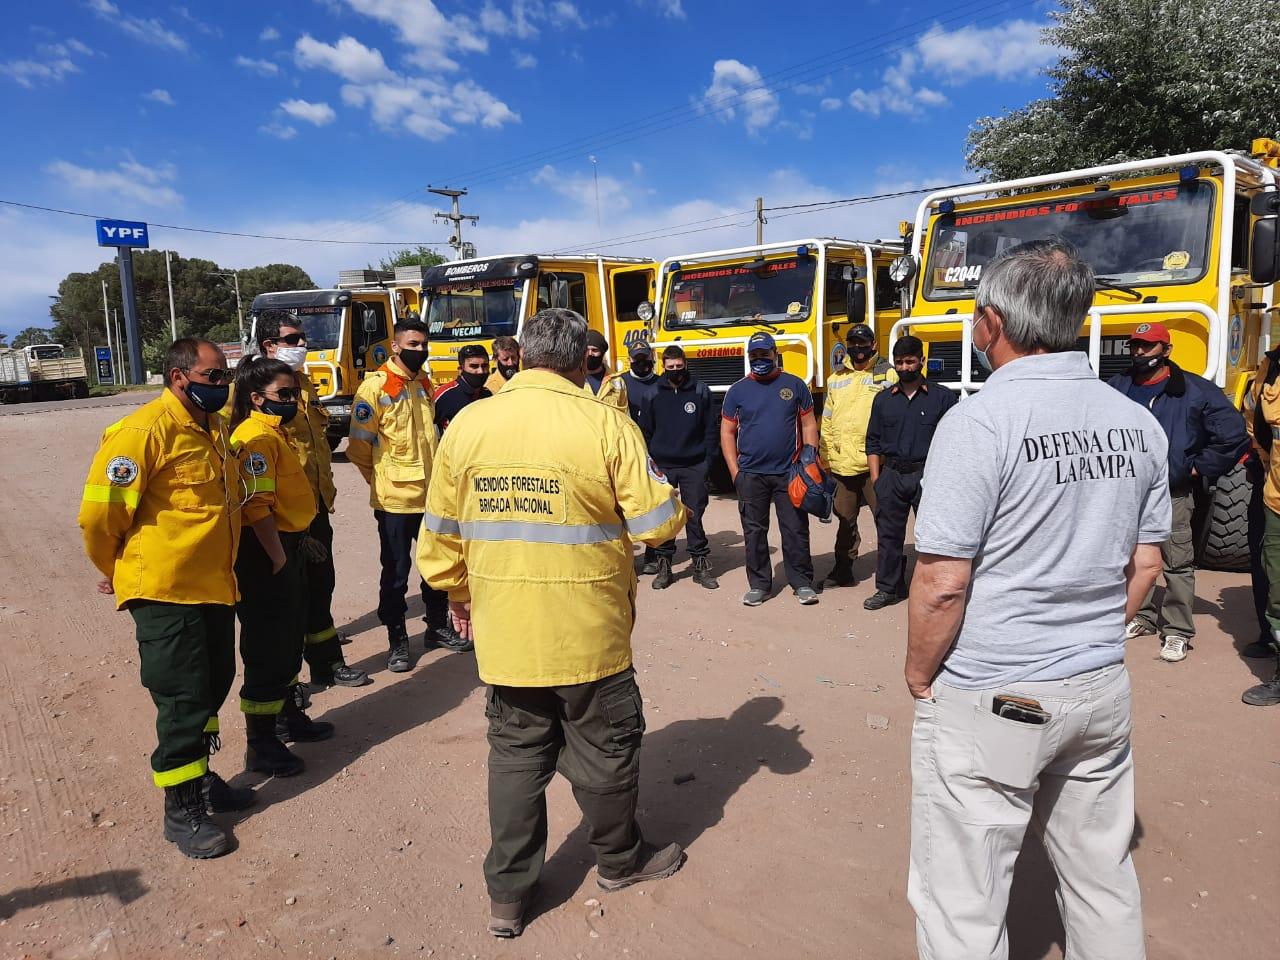 Bomberos Voluntarios y brigadistas pampeanos viajaron a Córdoba para colaborar con la provincia vecina